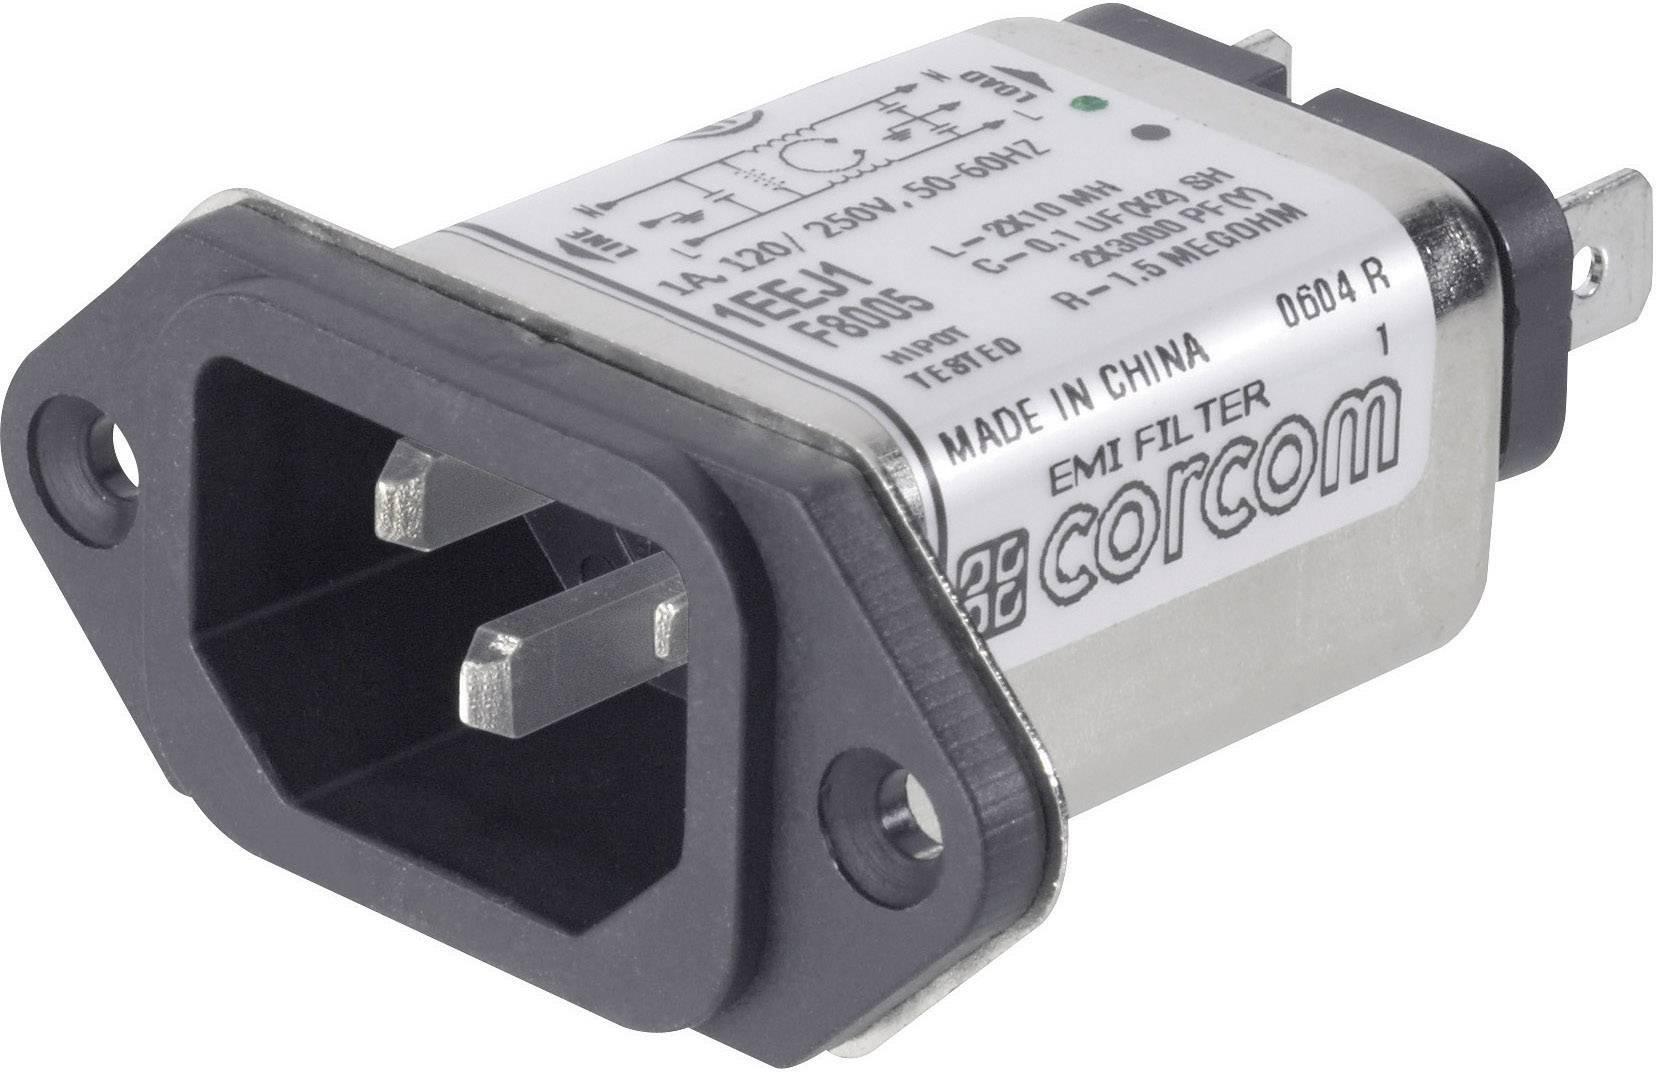 Sieťový filter TE Connectivity 1-6609006-4 1-6609006-4, s IEC zásuvkou, 250 V/AC, 10 A, 0.35 mH, 1 ks